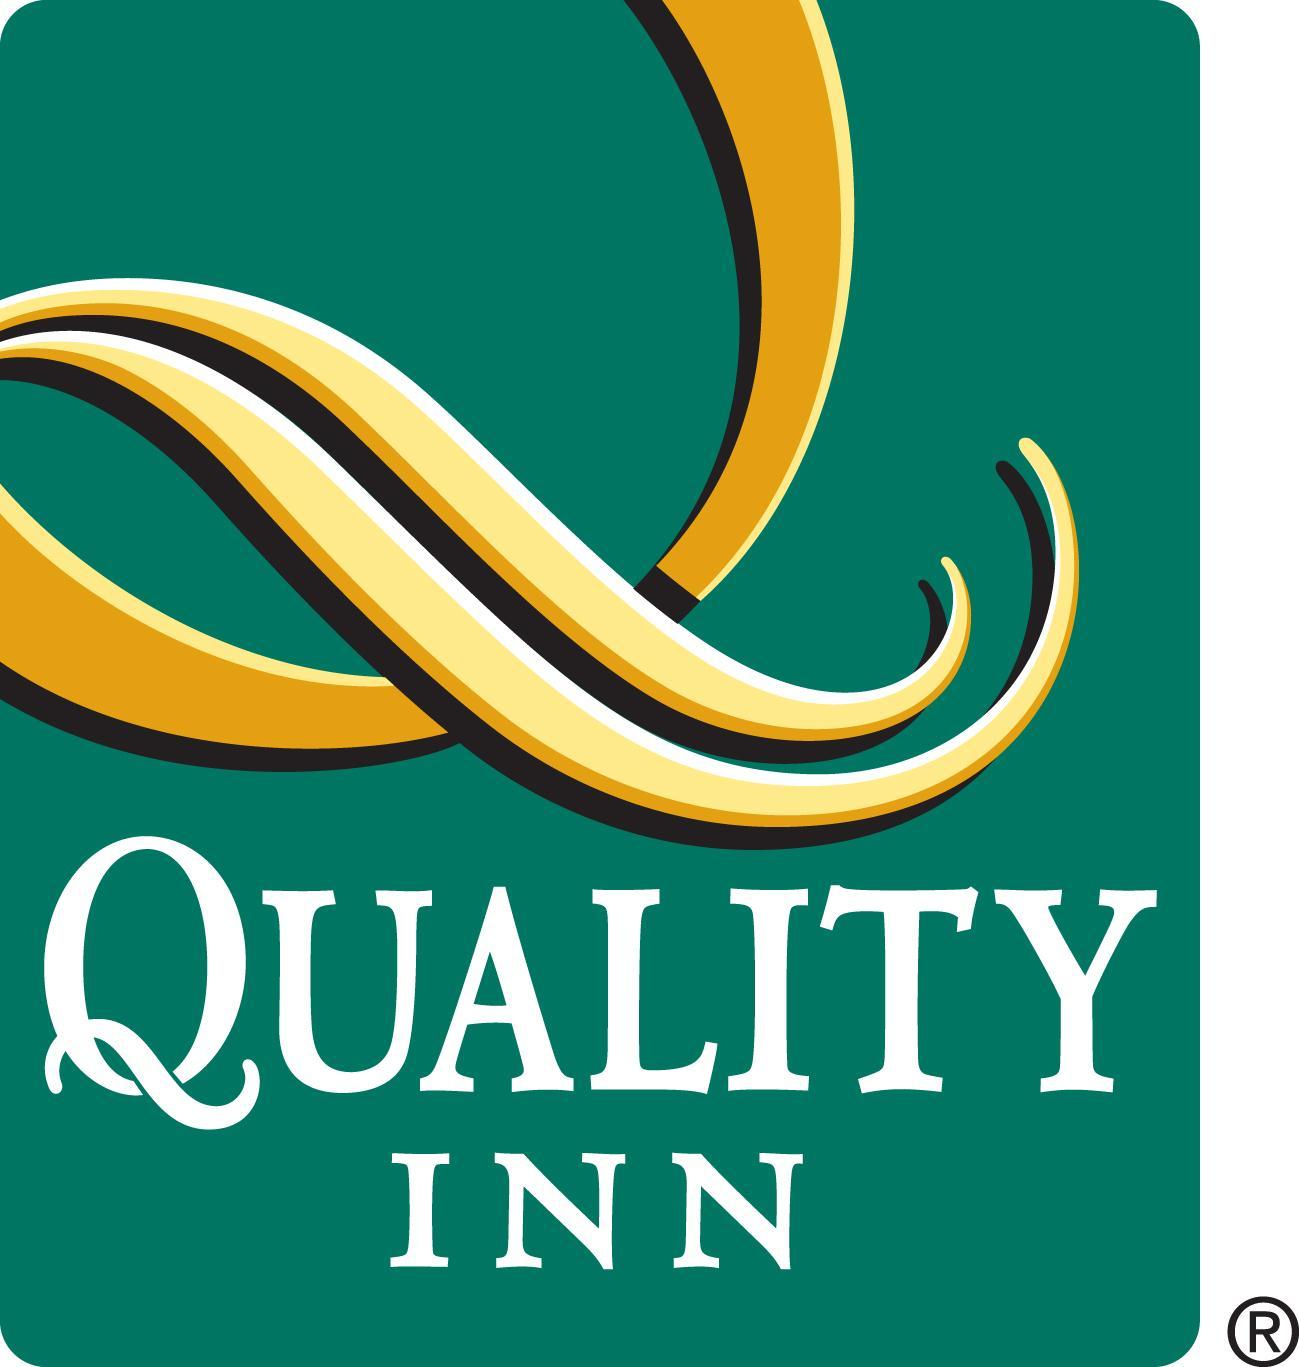 image quality logo jpg ex515 wiki fandom powered by wikia